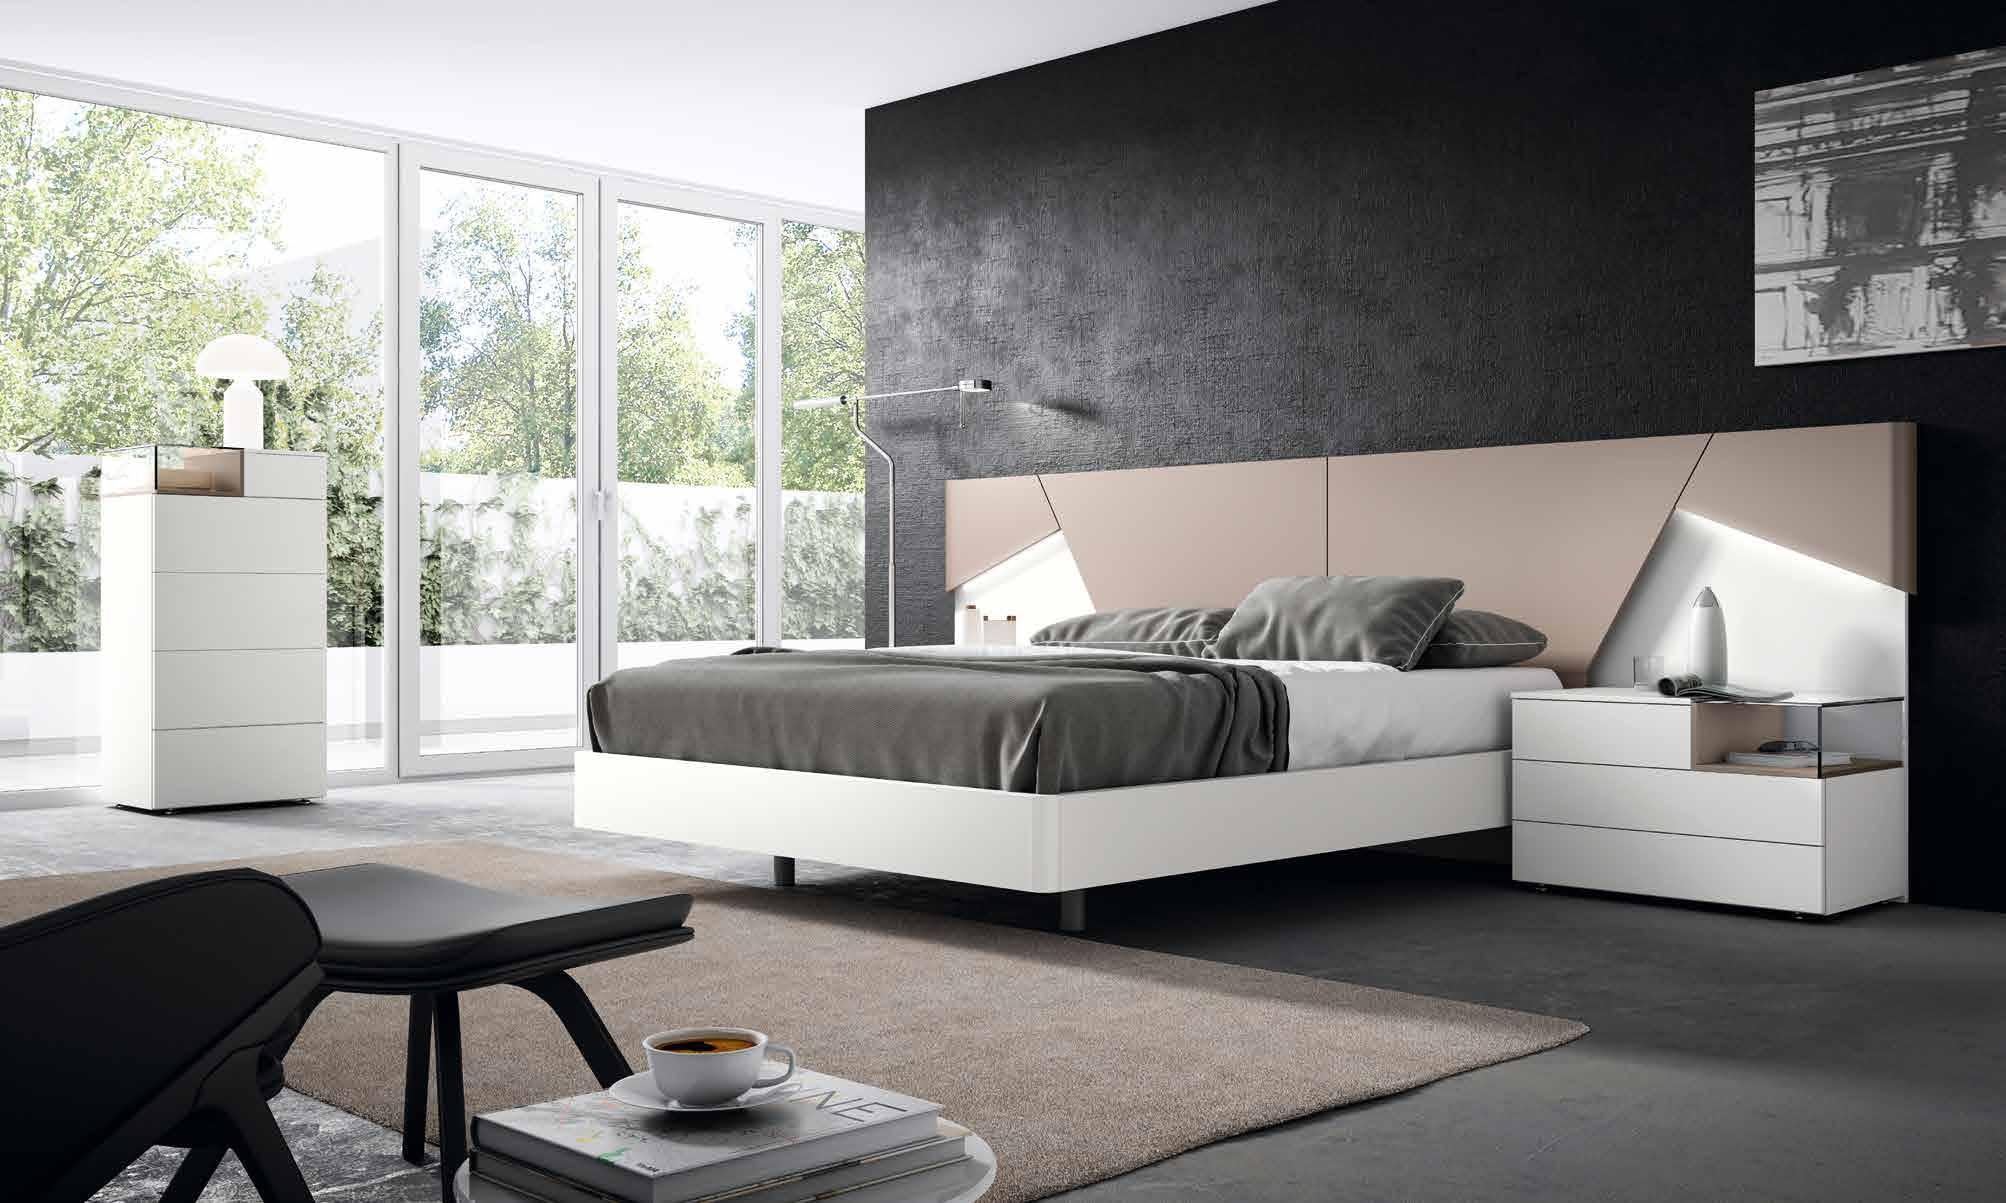 moderno-1-Grafica-muebles-paco-caballero-720-5c93e03b48d7e